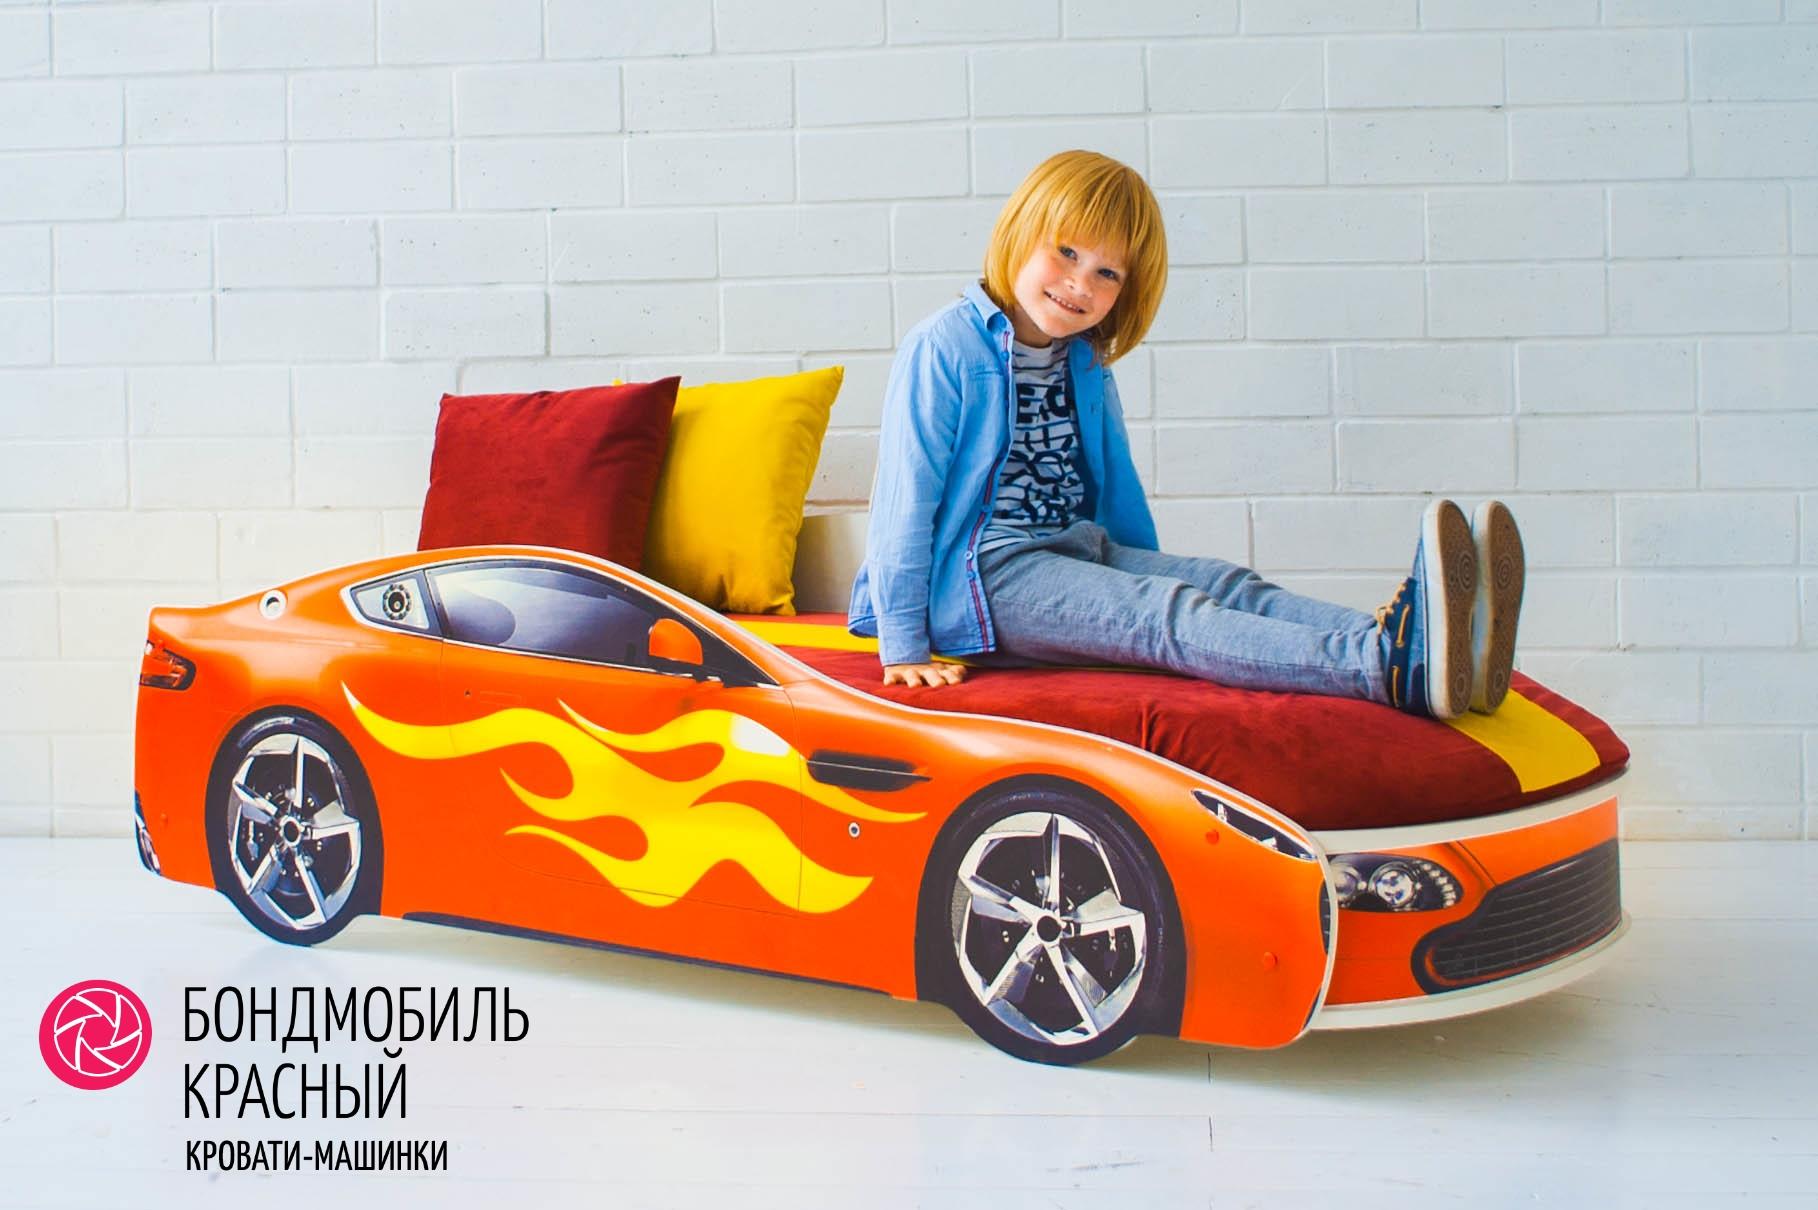 Детская кровать-машина красный -Бондмобиль-1